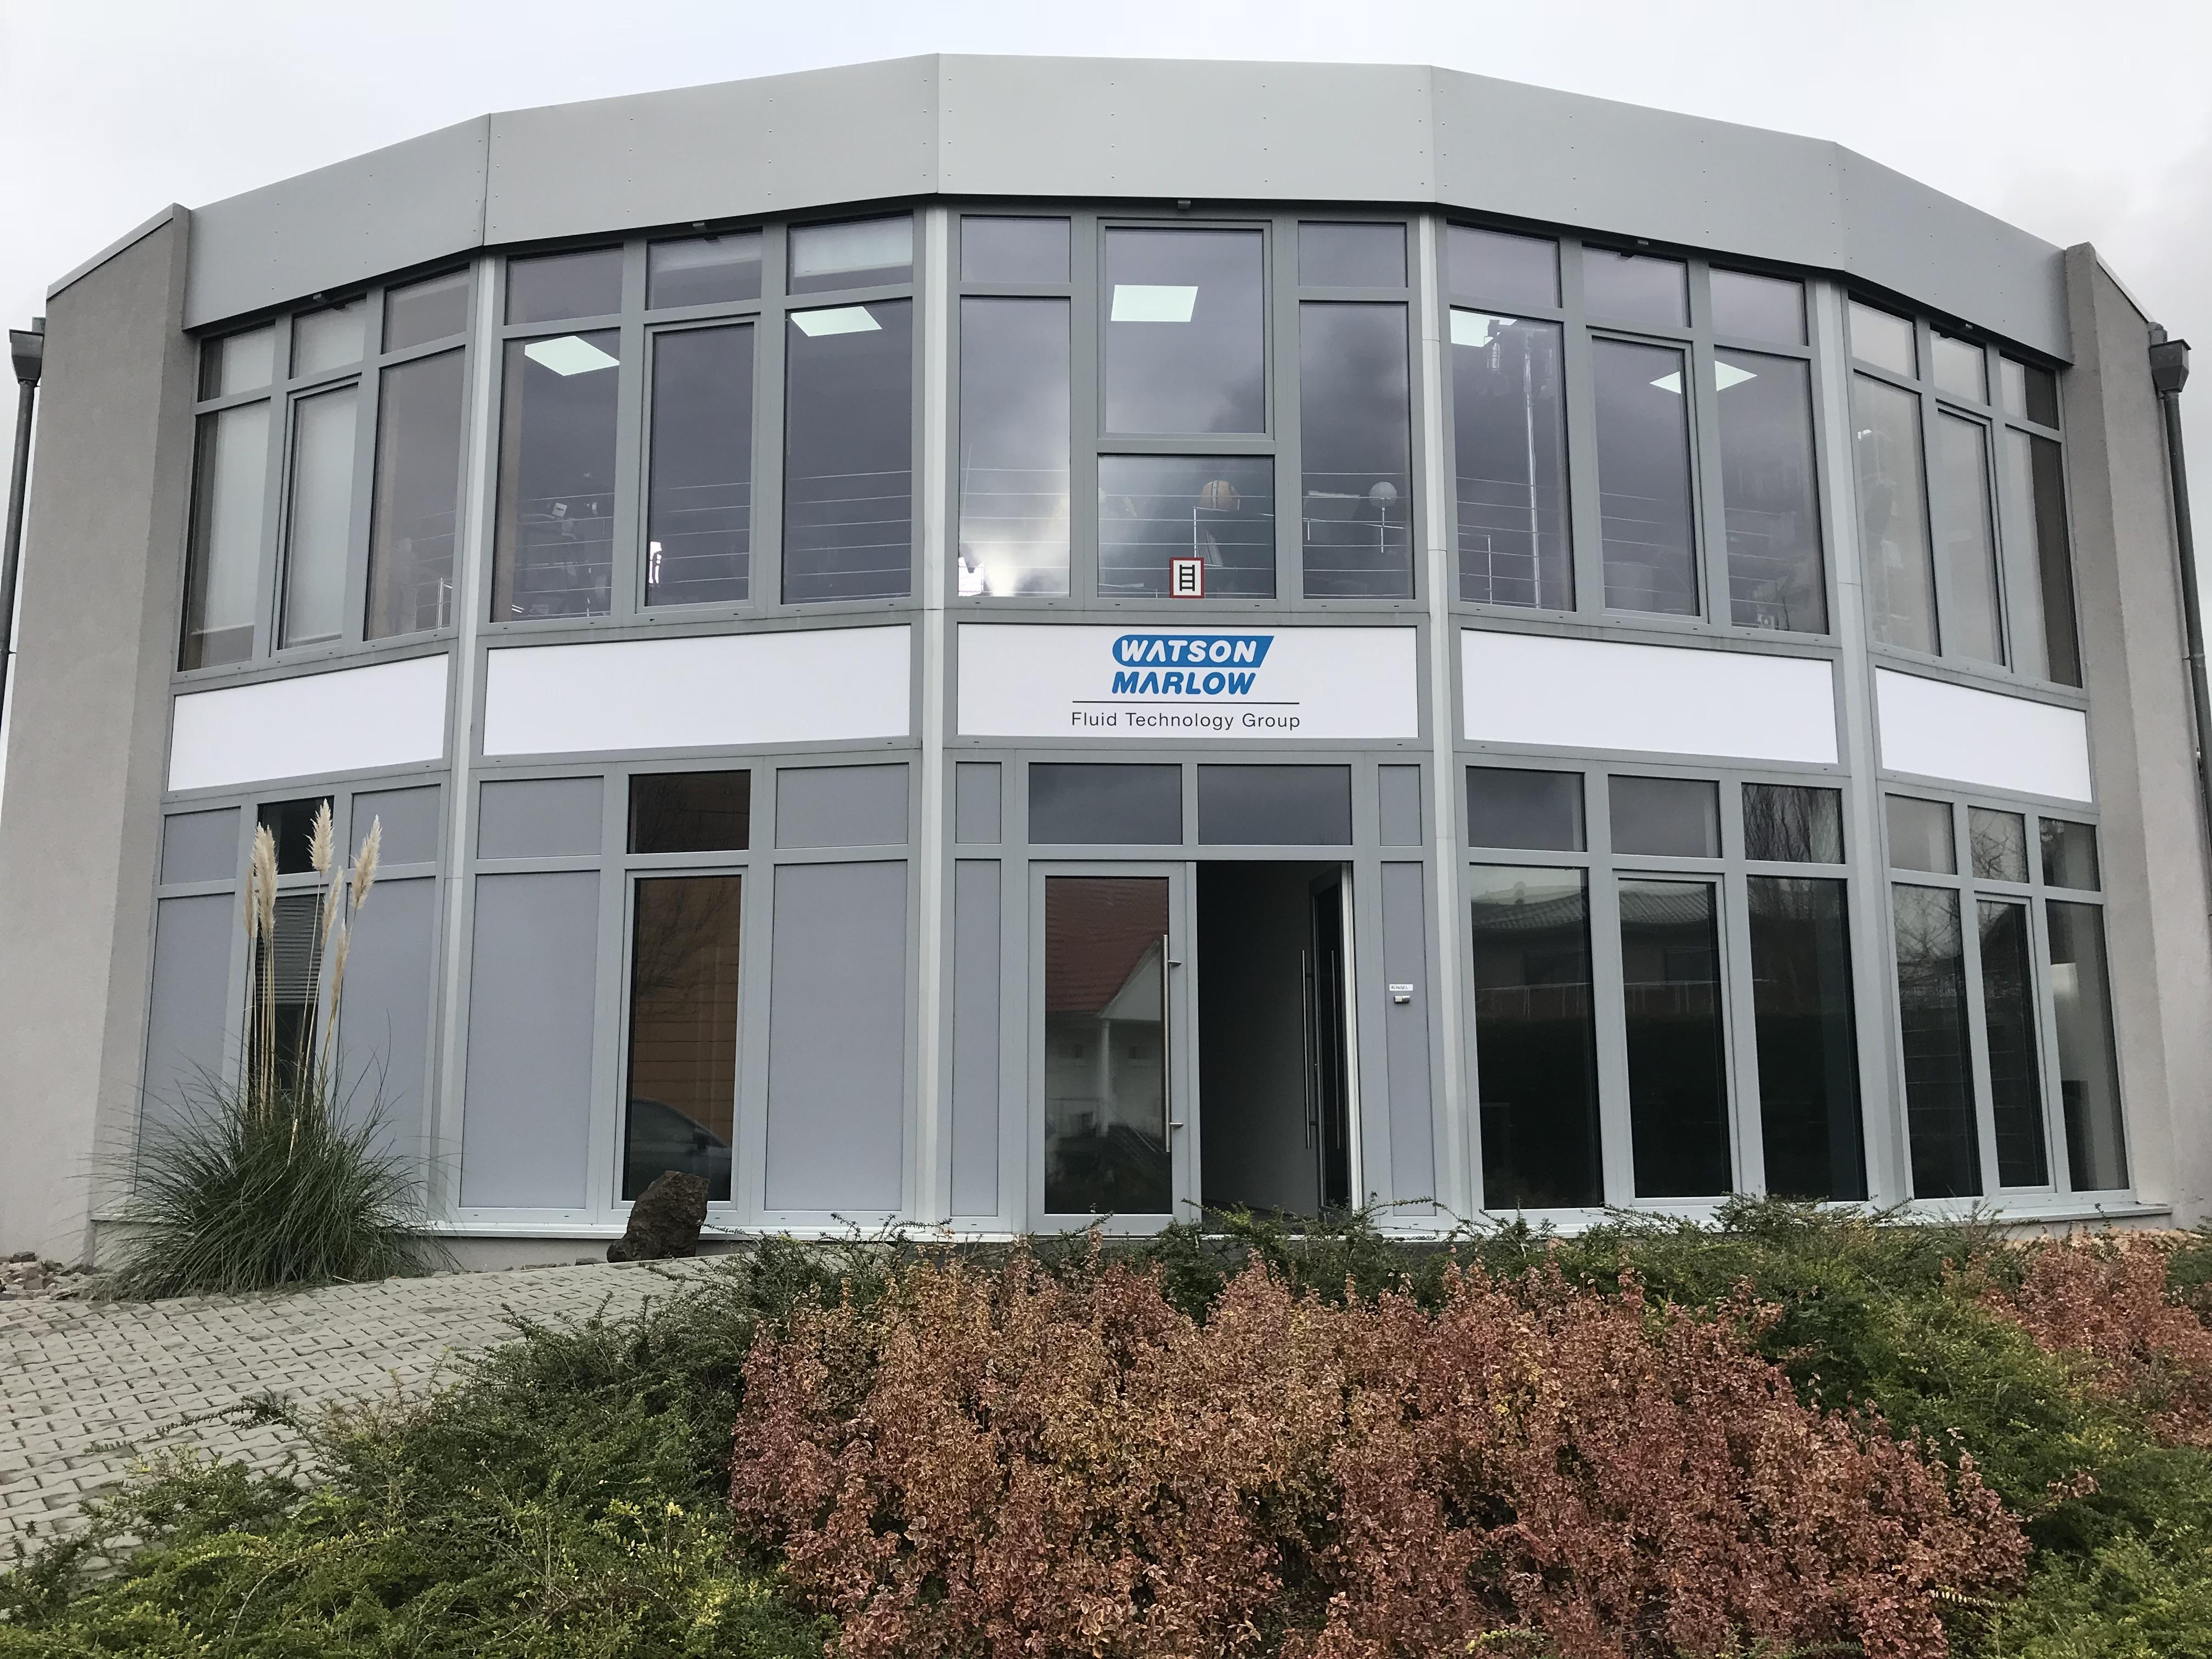 Neuer Standort für Watson-Marlow-Vertriebsniederlassung